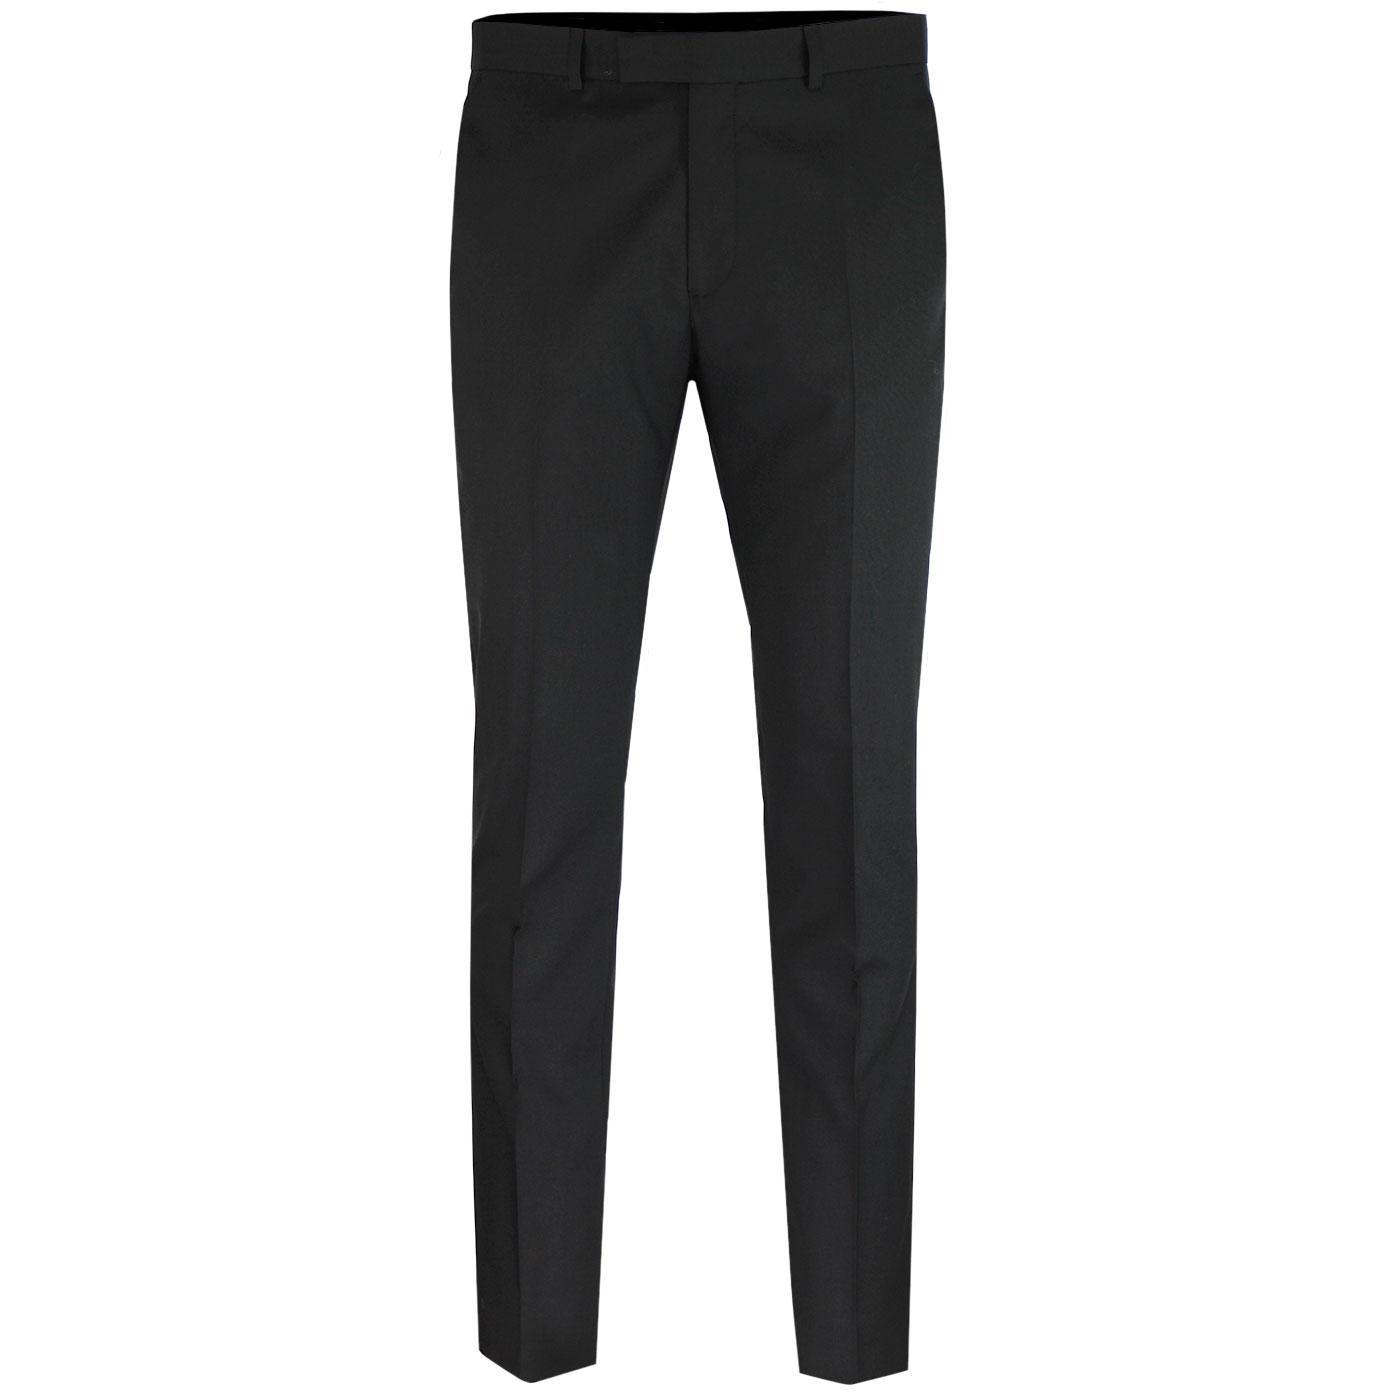 BEN SHERMAN Tailoring Tonic Suit Trousers BLACK